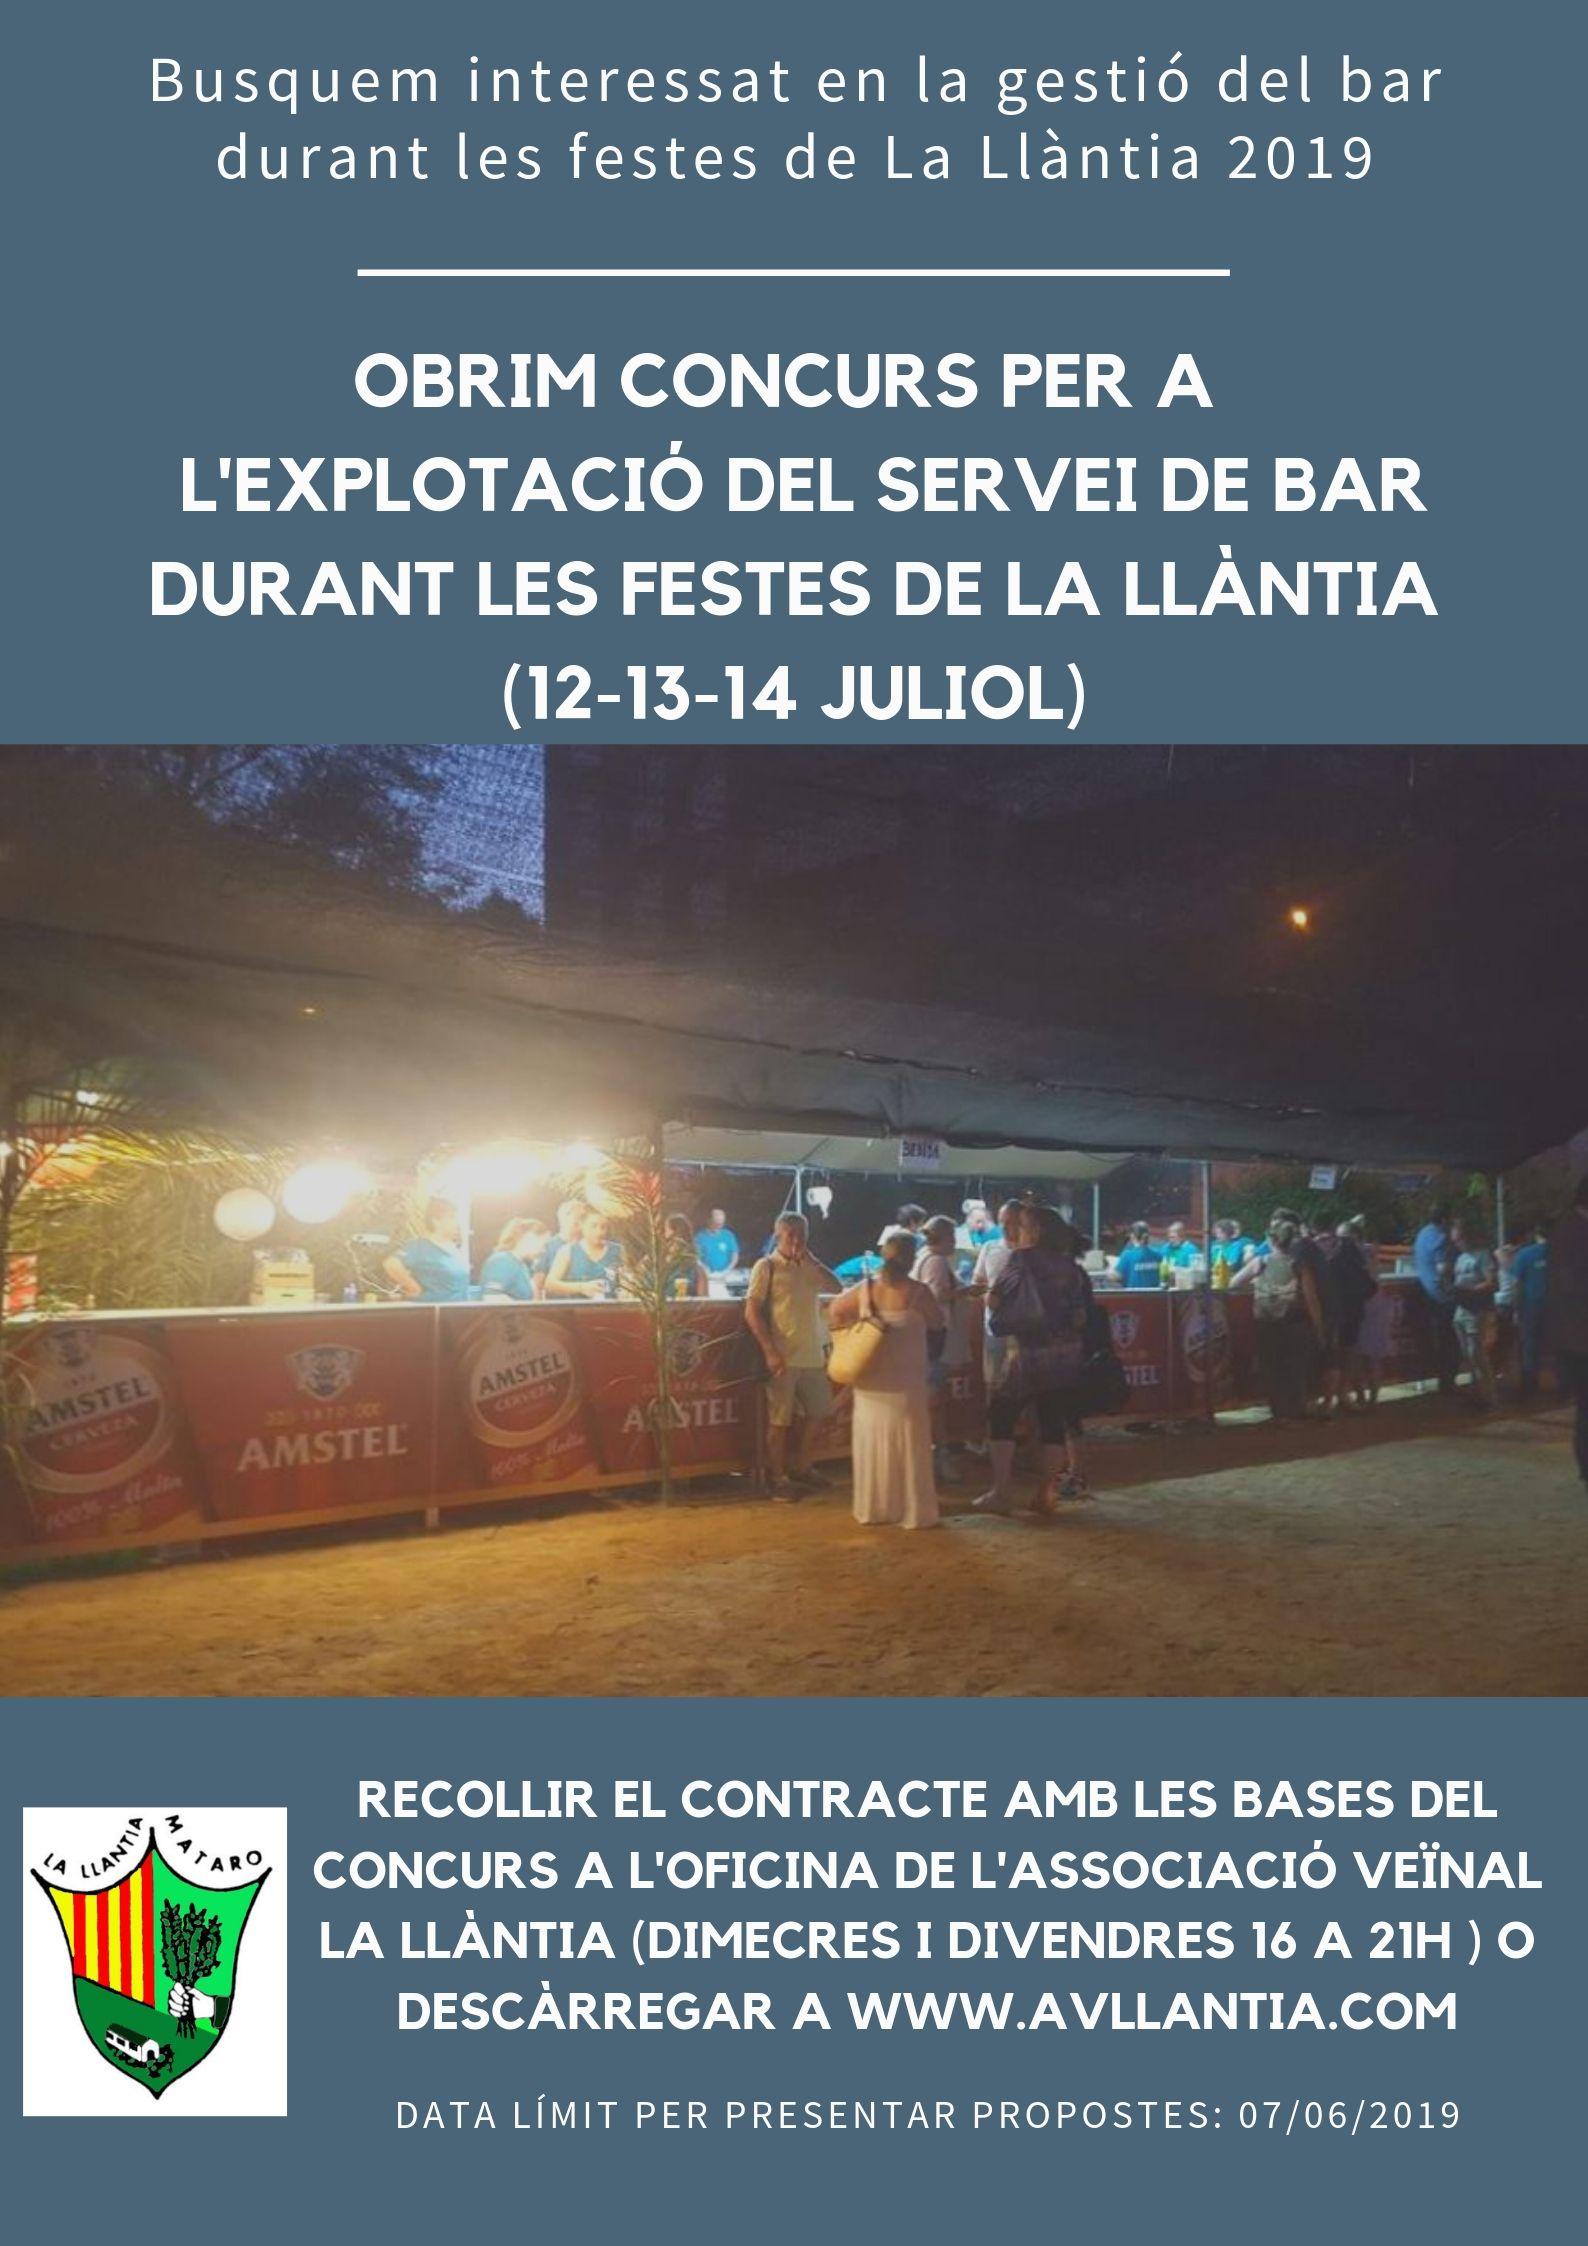 EXPLOTACIO BAR FESTES.jpg